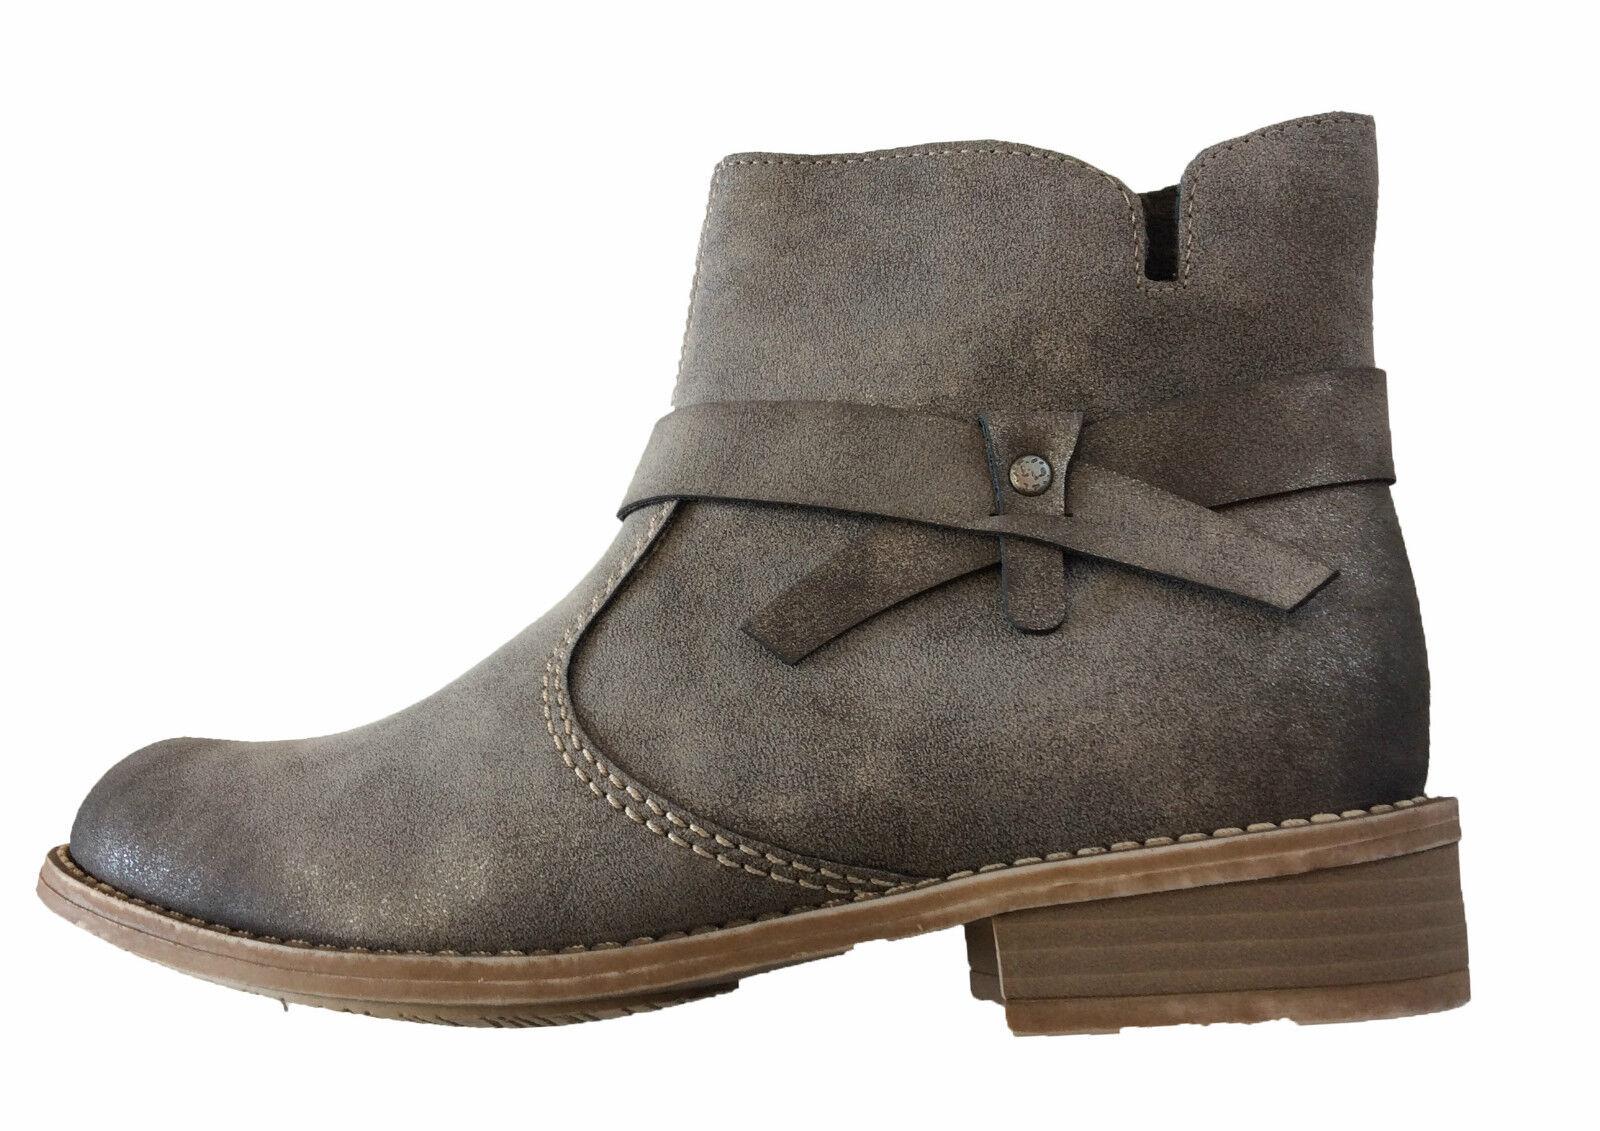 Rieker Stiefeletten Kurzstiefel Stiefel Winter Grau Grau Grau Beige Damen Schuhe 171255 1ff1d3